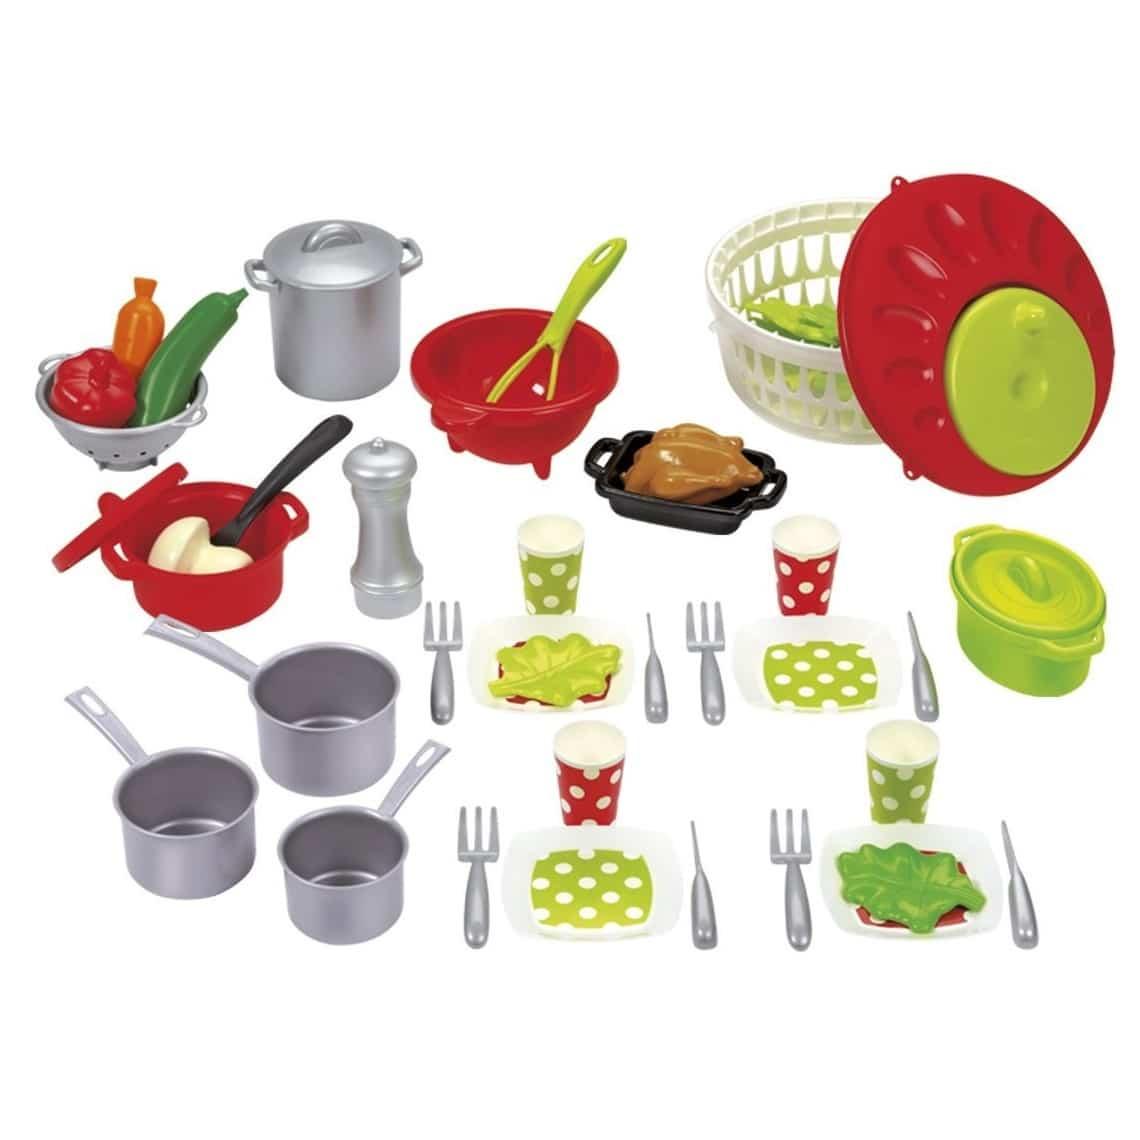 accessoires cuisine pour enfants : coffret cooking ecoiffier